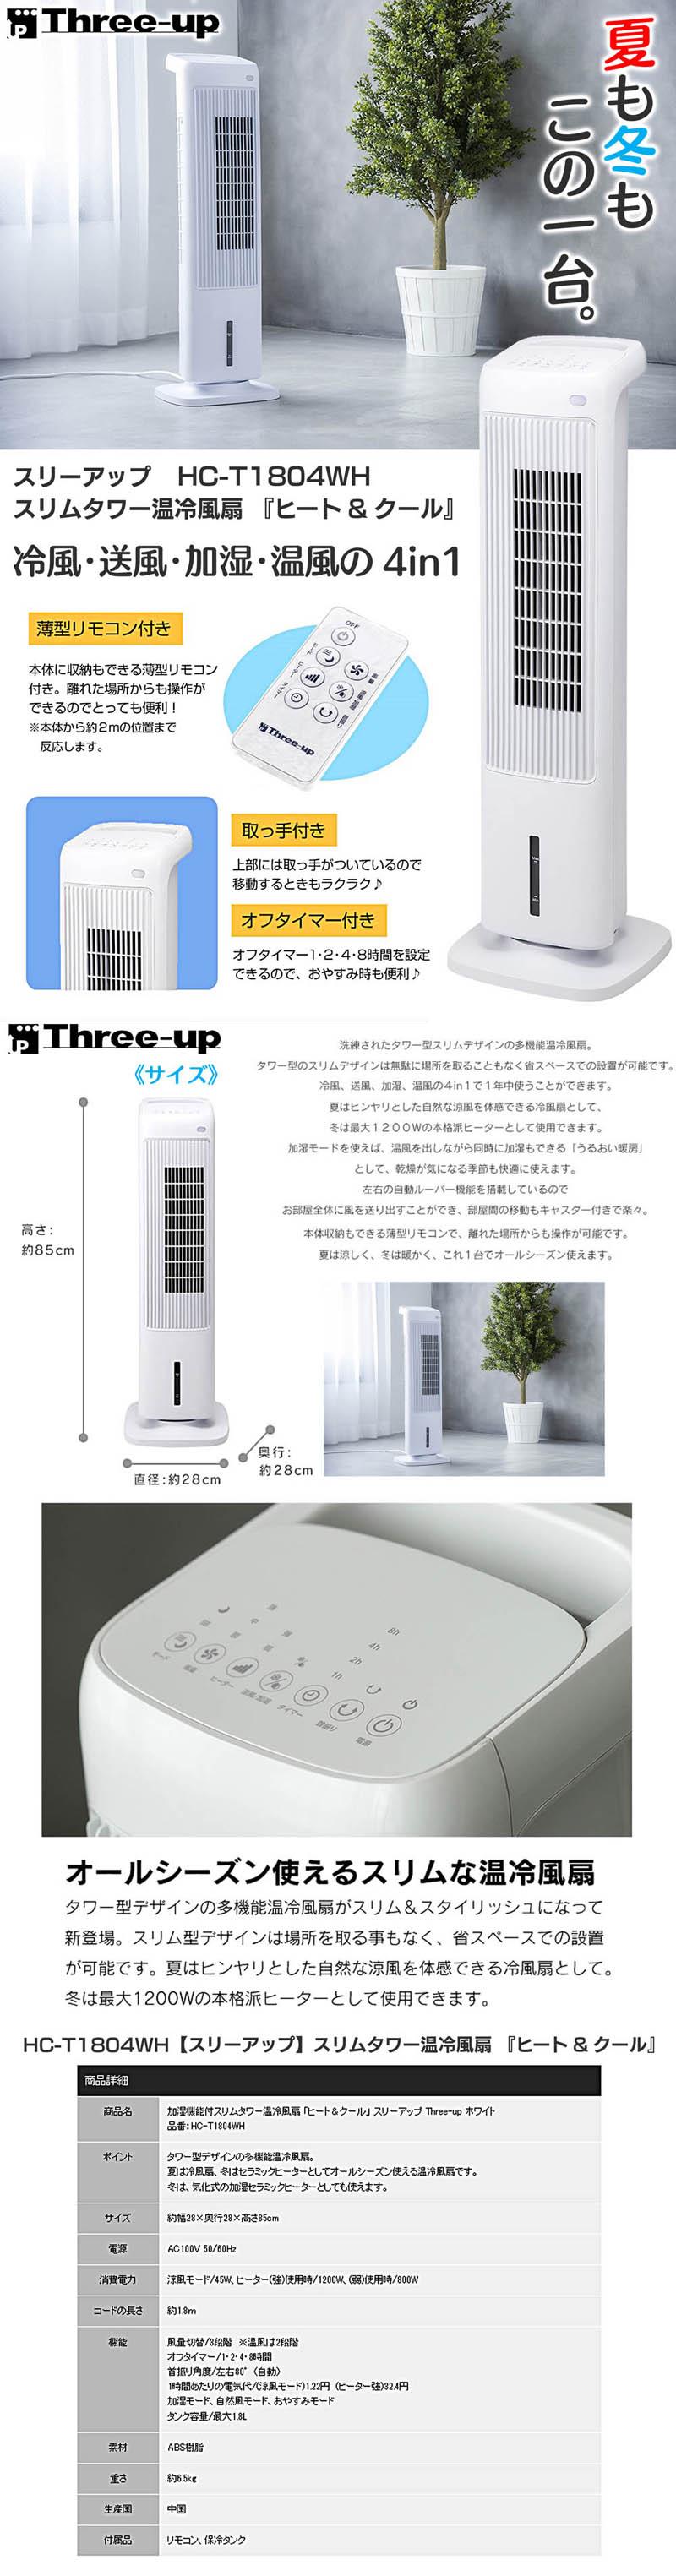 【ヒート&クール】スリムタワー/クーラー冷風扇&ヒーター温風扇&送風扇 最大1200W/加湿機能付 HC-T1804WH スリーアップ冷房暖房機